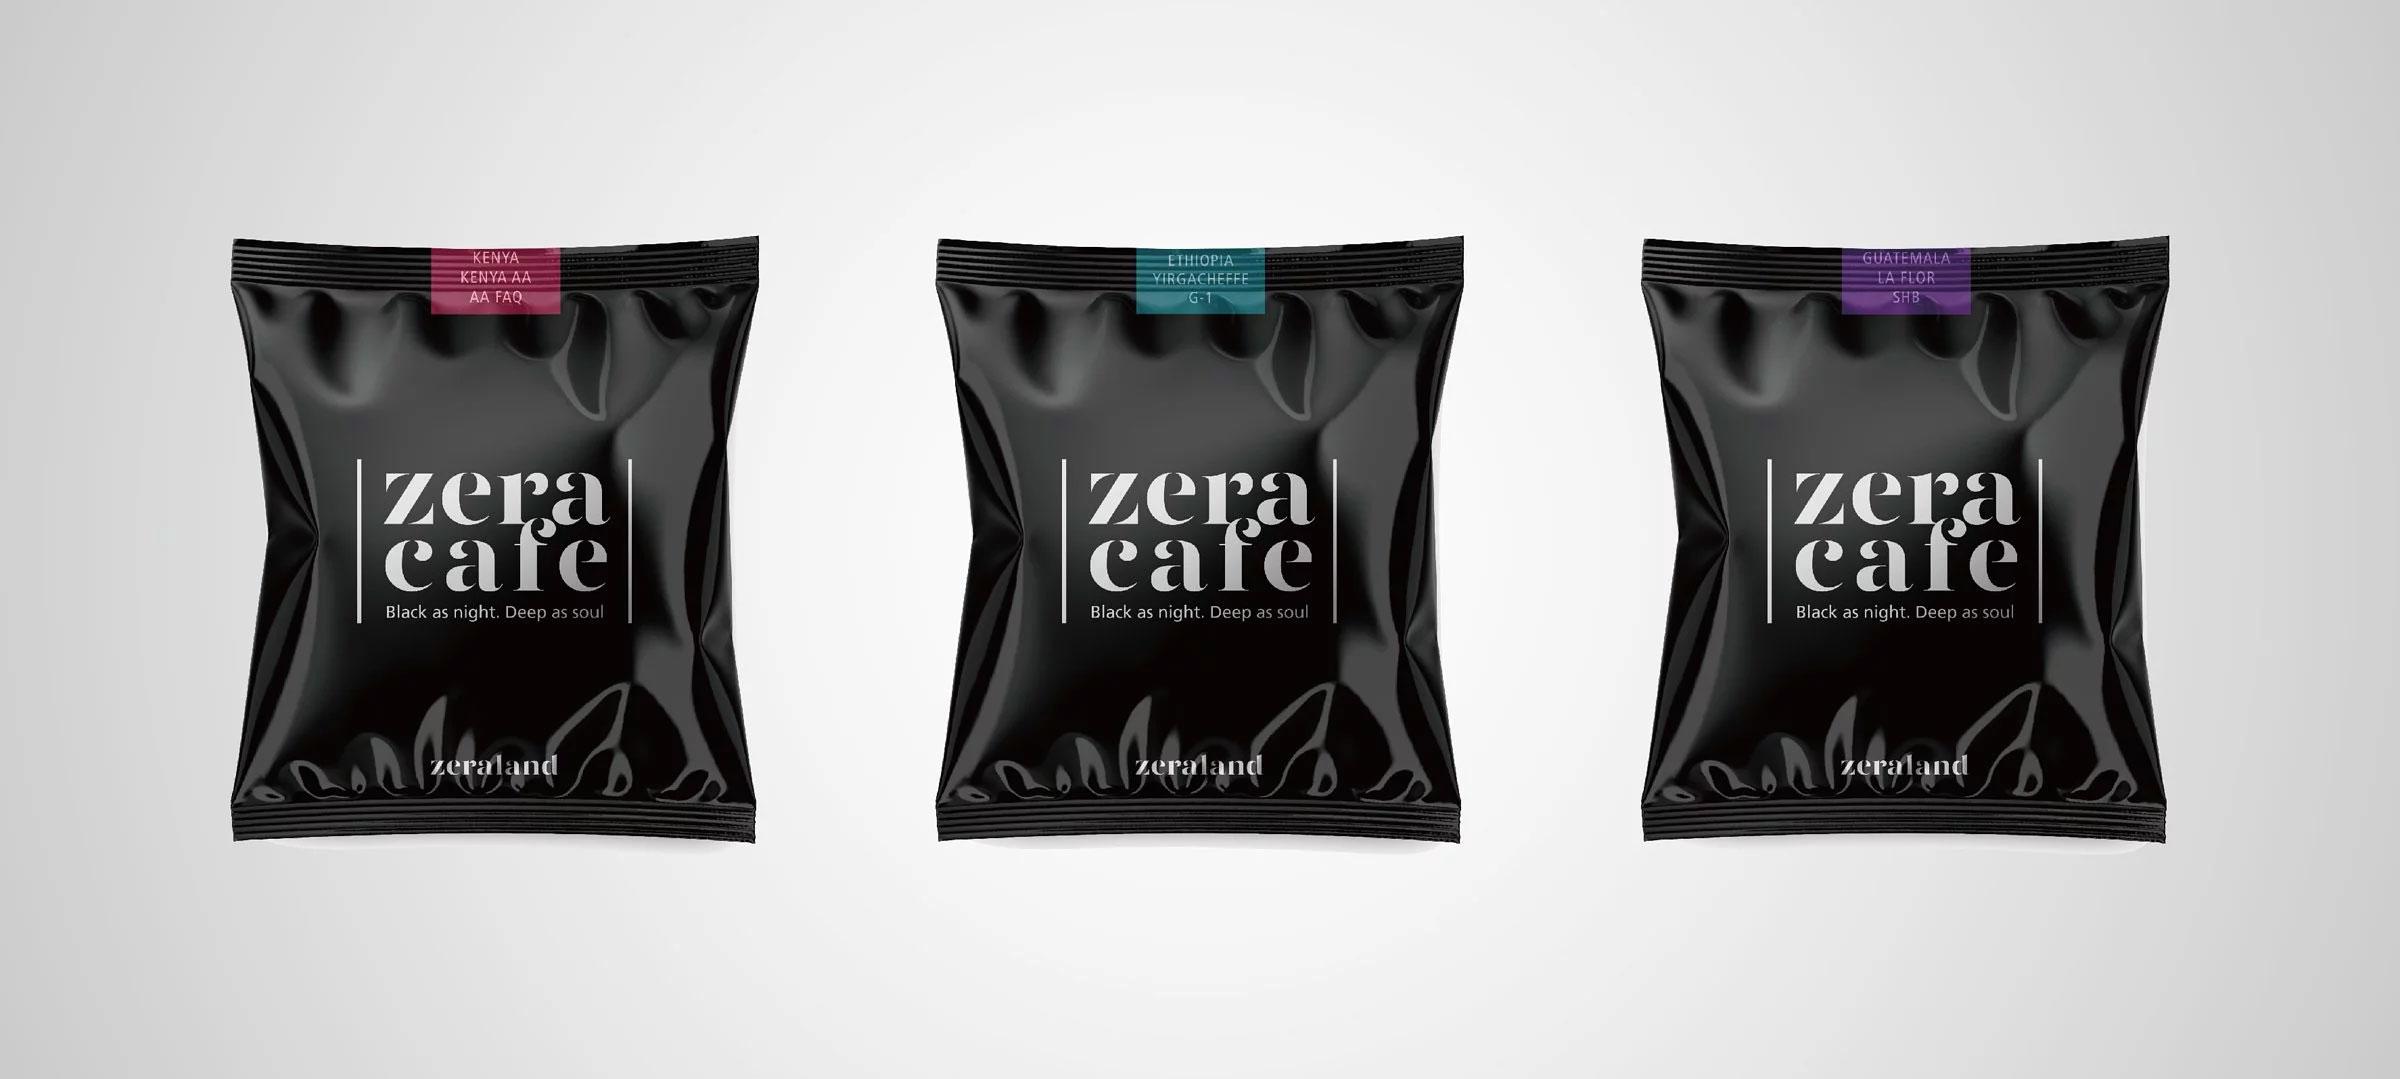 ZeraCafe單品濾掛咖啡,三款風味:品味耶加、自由花神、率性肯亞